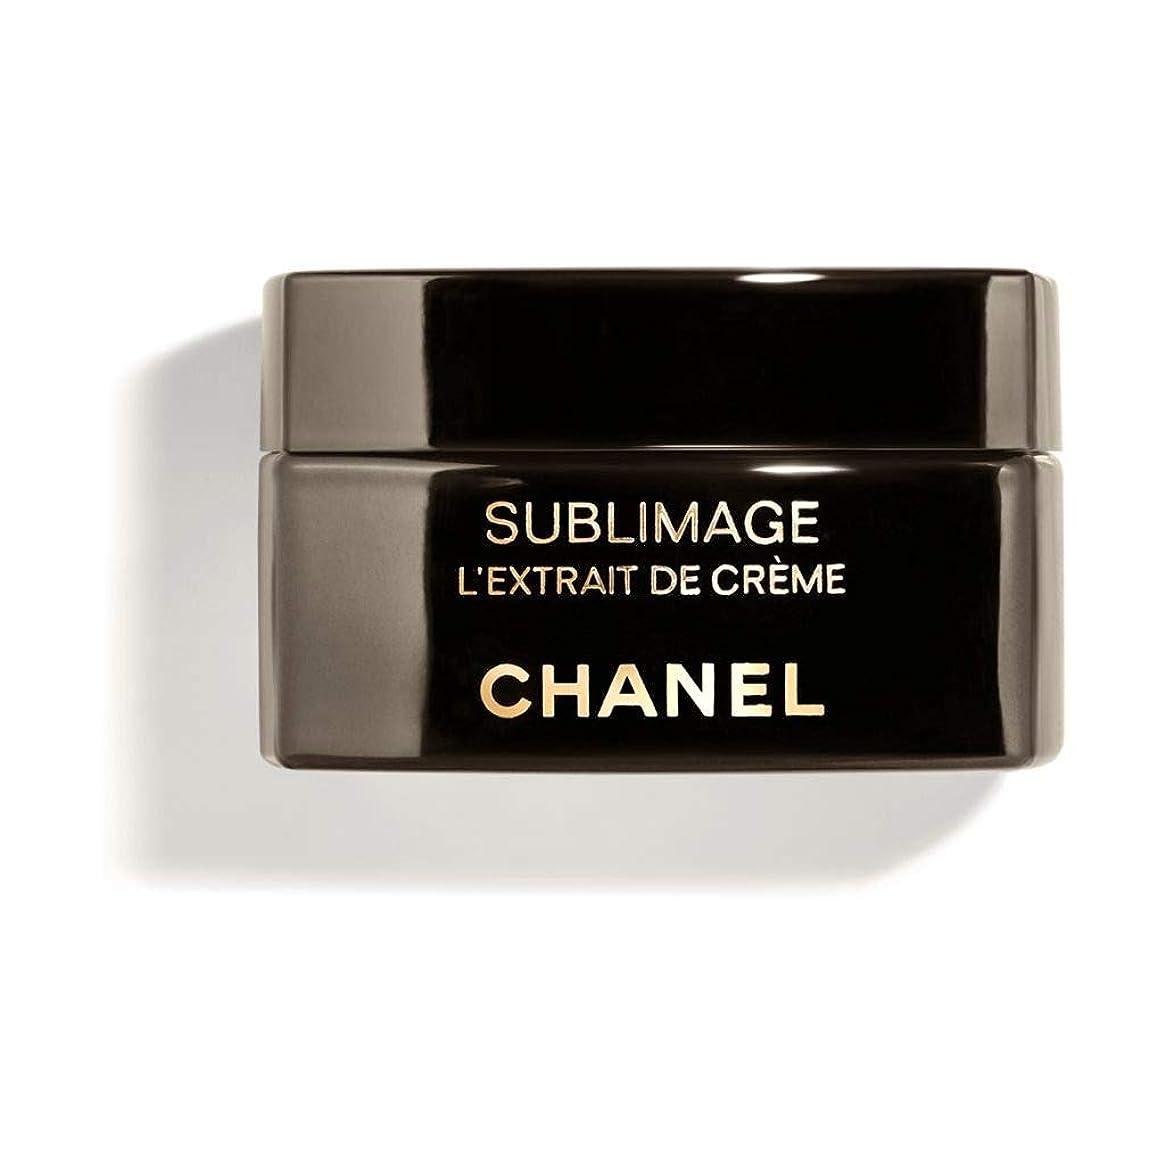 ピッチメッセージキャラバンCHANEL(シャネル) SUBLIMAGE L EXTRAIT DE CREME サブリマージュ レクストレ ドゥ クレーム 50g